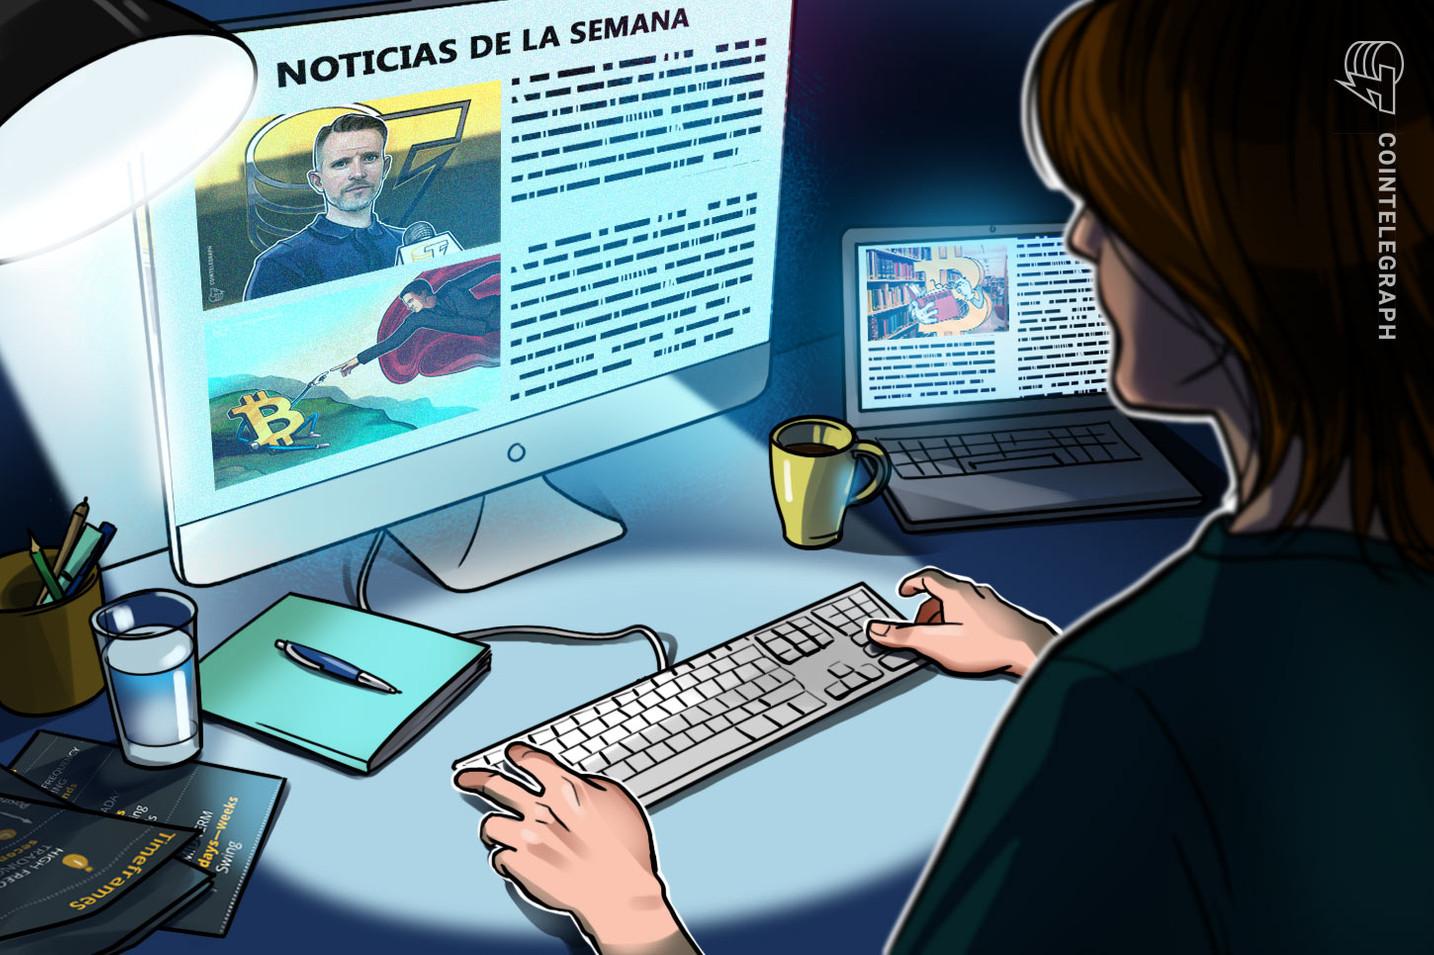 Top Criptonoticias de la semana: Apareció Satoshi Nakamoto, el Banco Central de Brasil reconoce a Bitcoin, Craig Wright en aprietos, barras de oro falsas y más